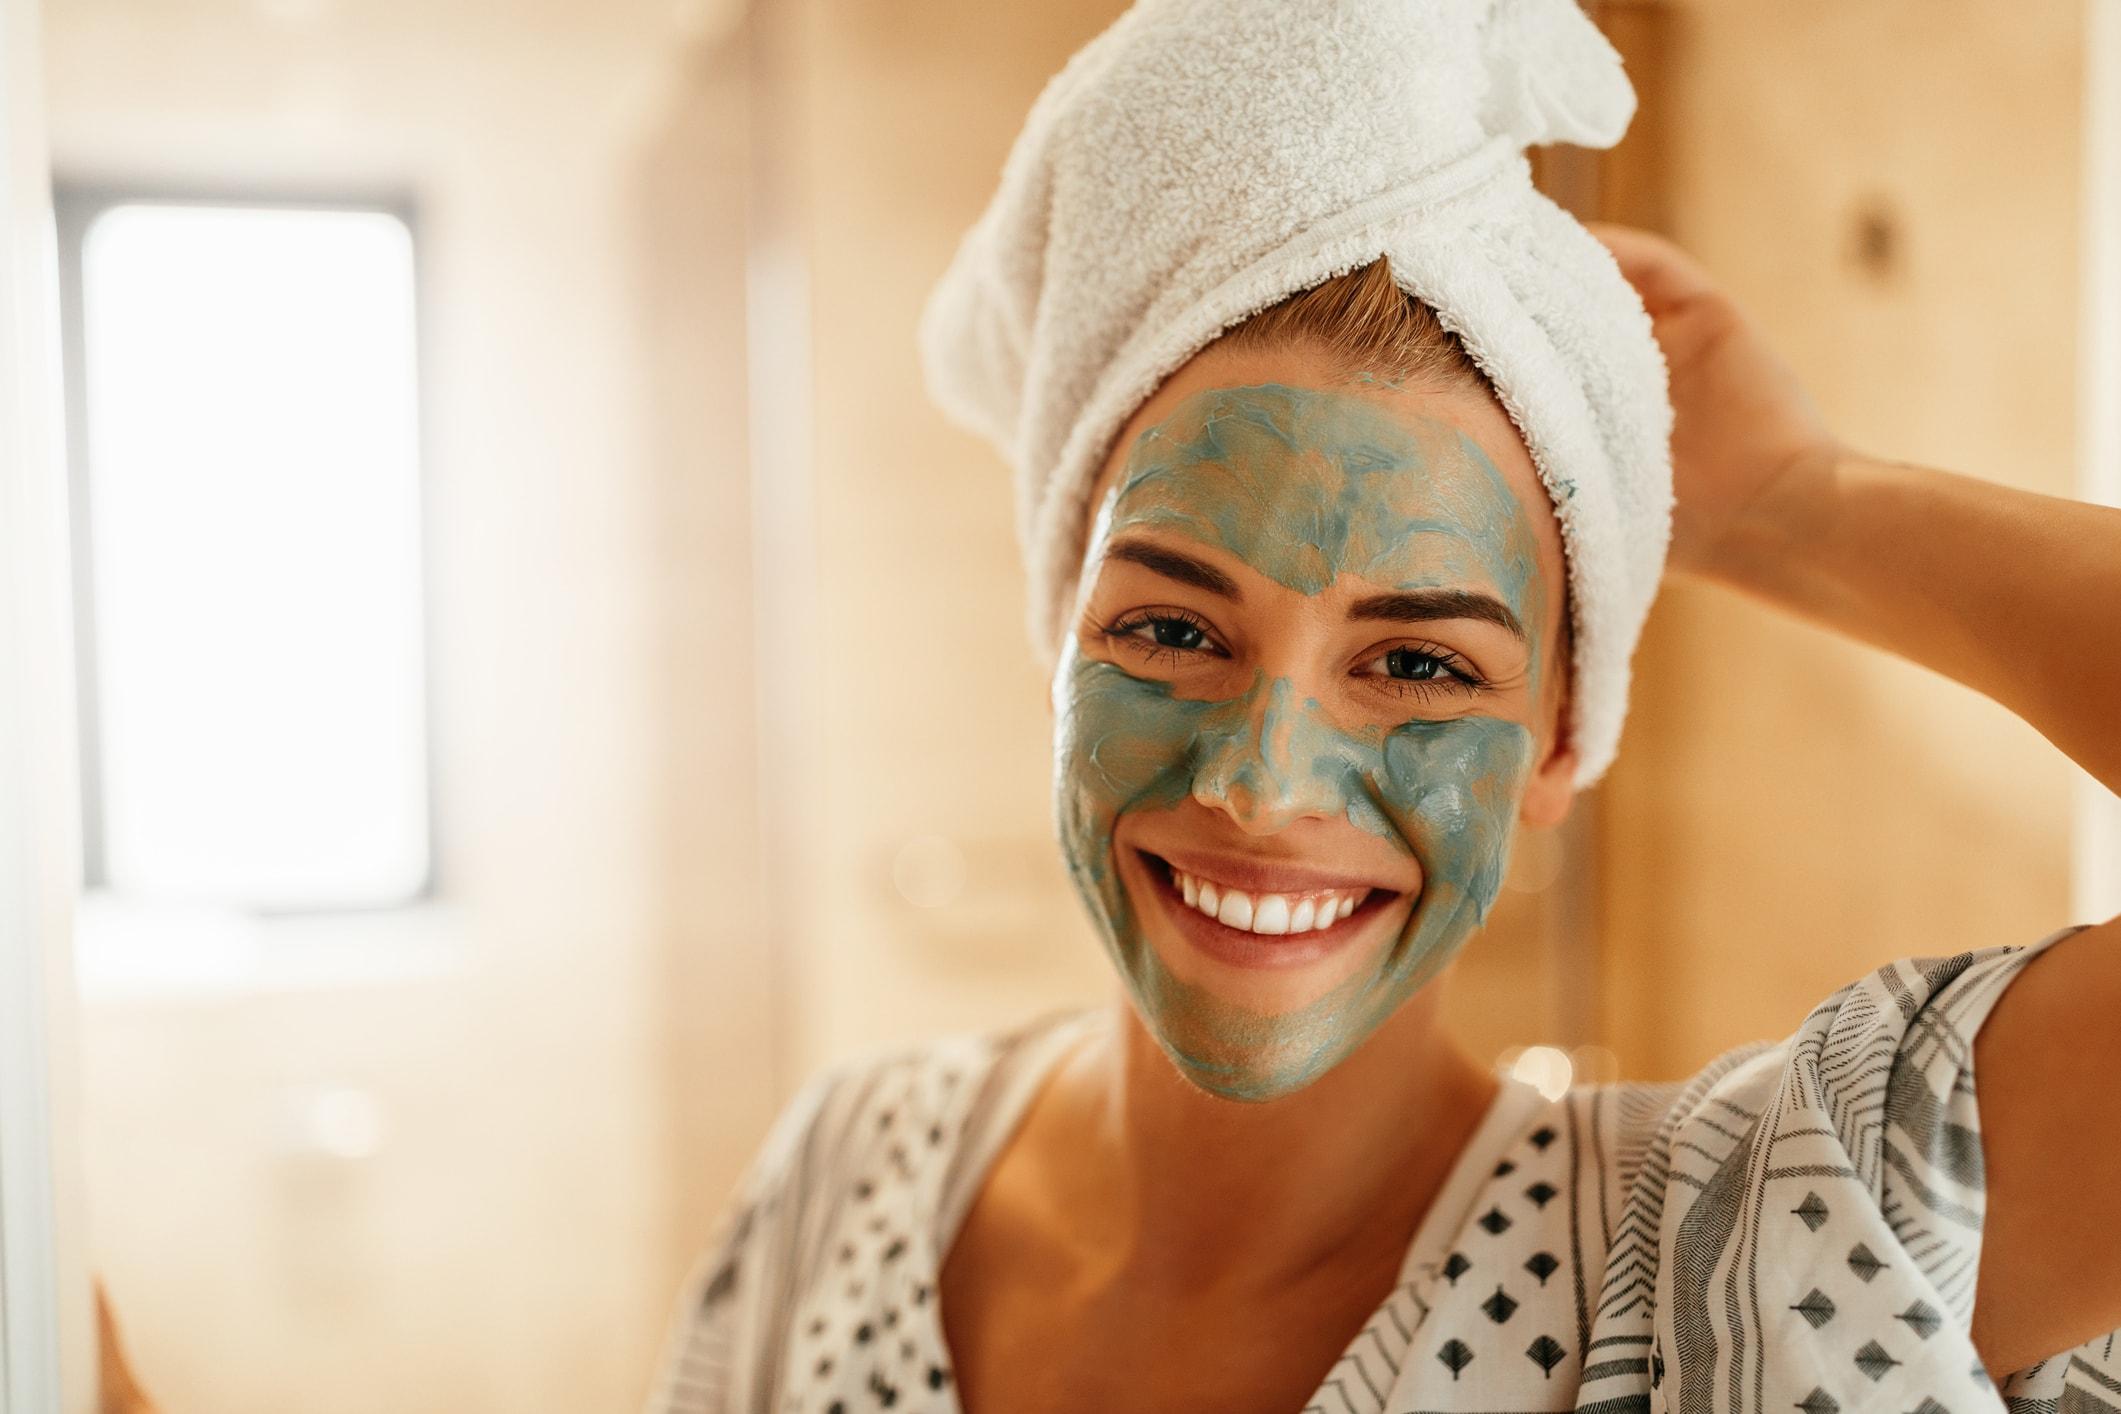 Maske nach dem Duschen